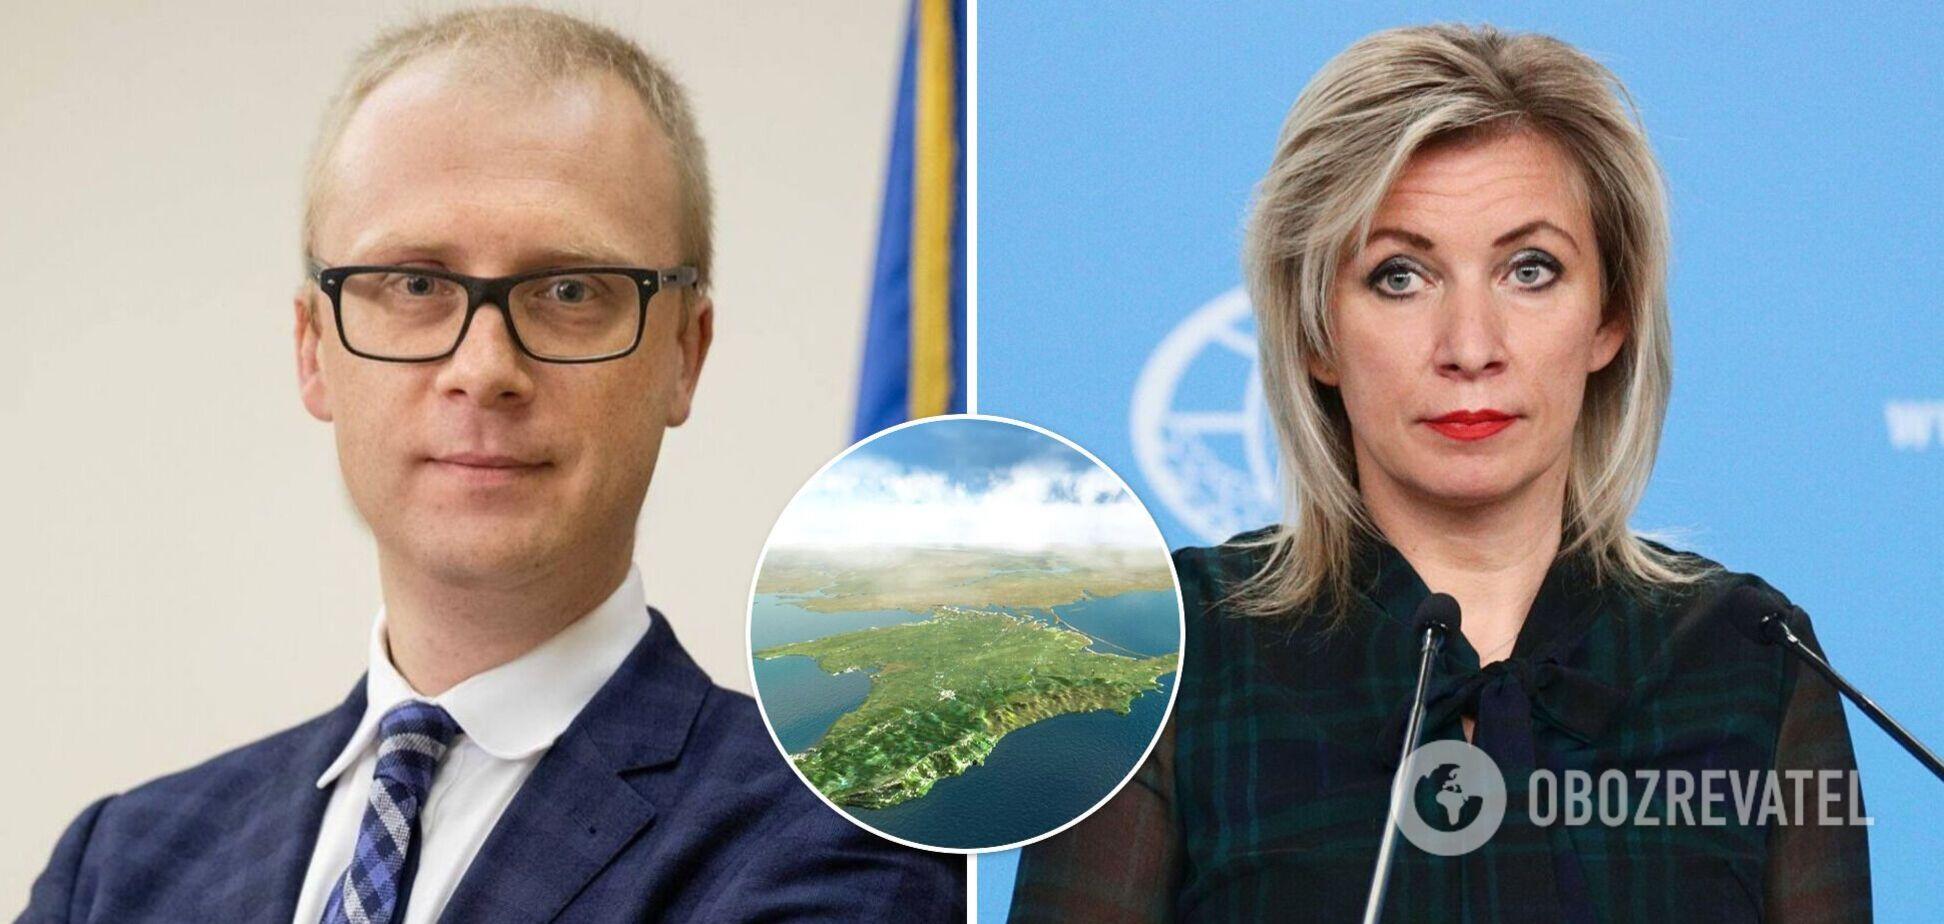 В МИД Украины обвинили Россию в буллинге по вопросу Крыма